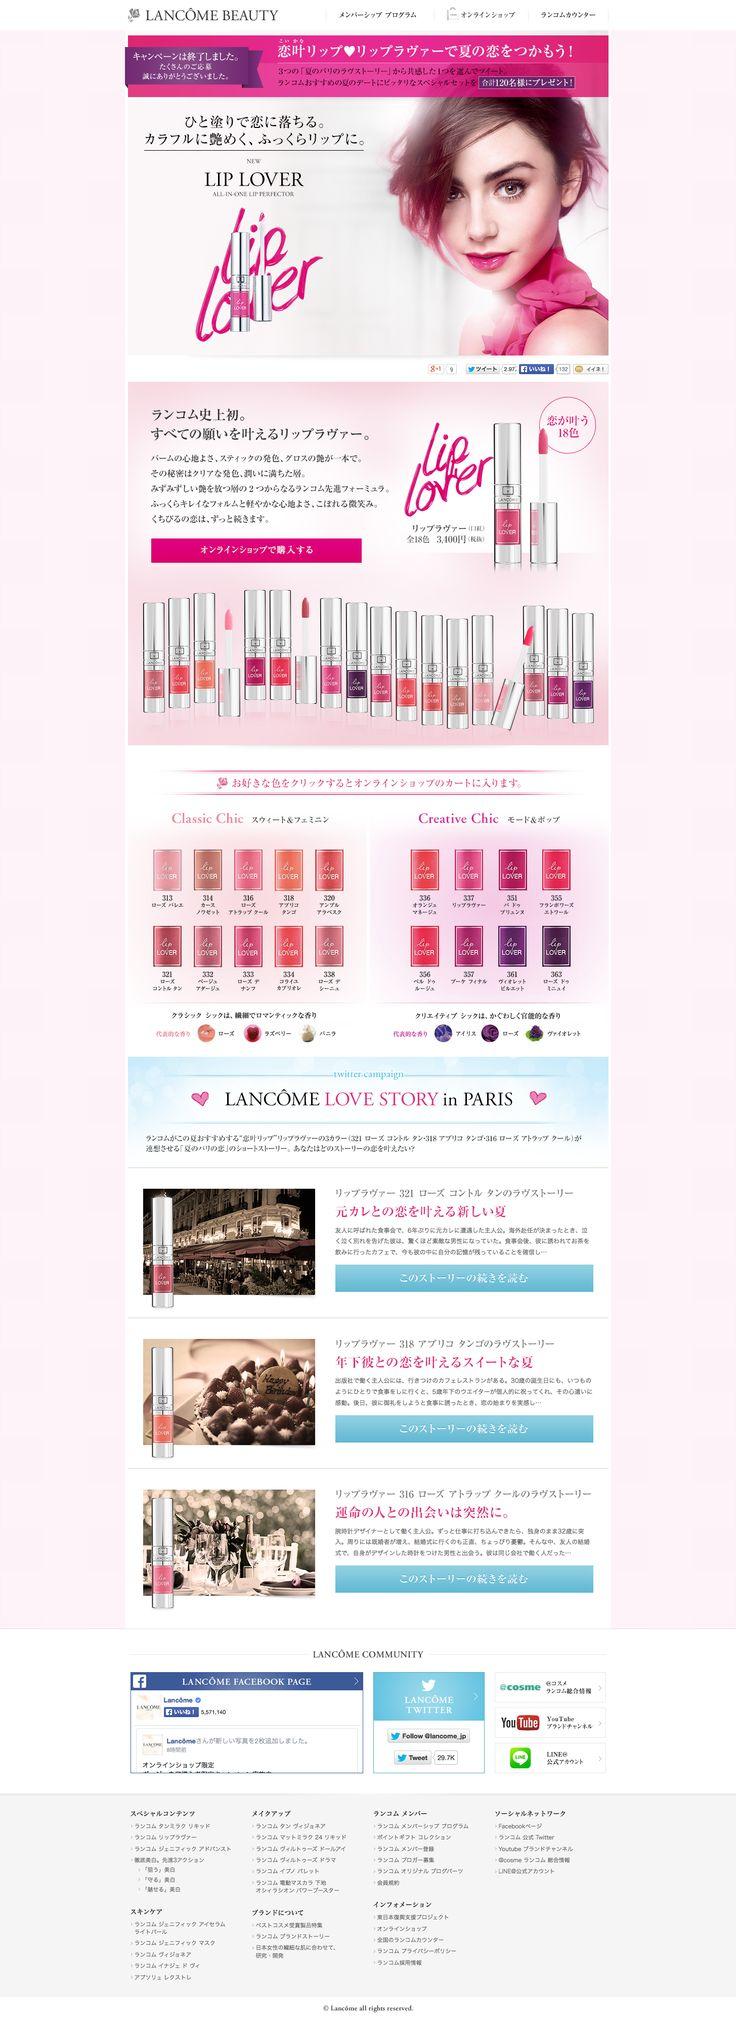 【ランコム (恋叶リップ)】 http://www.lancome.jp/brand/campaign/liplover/